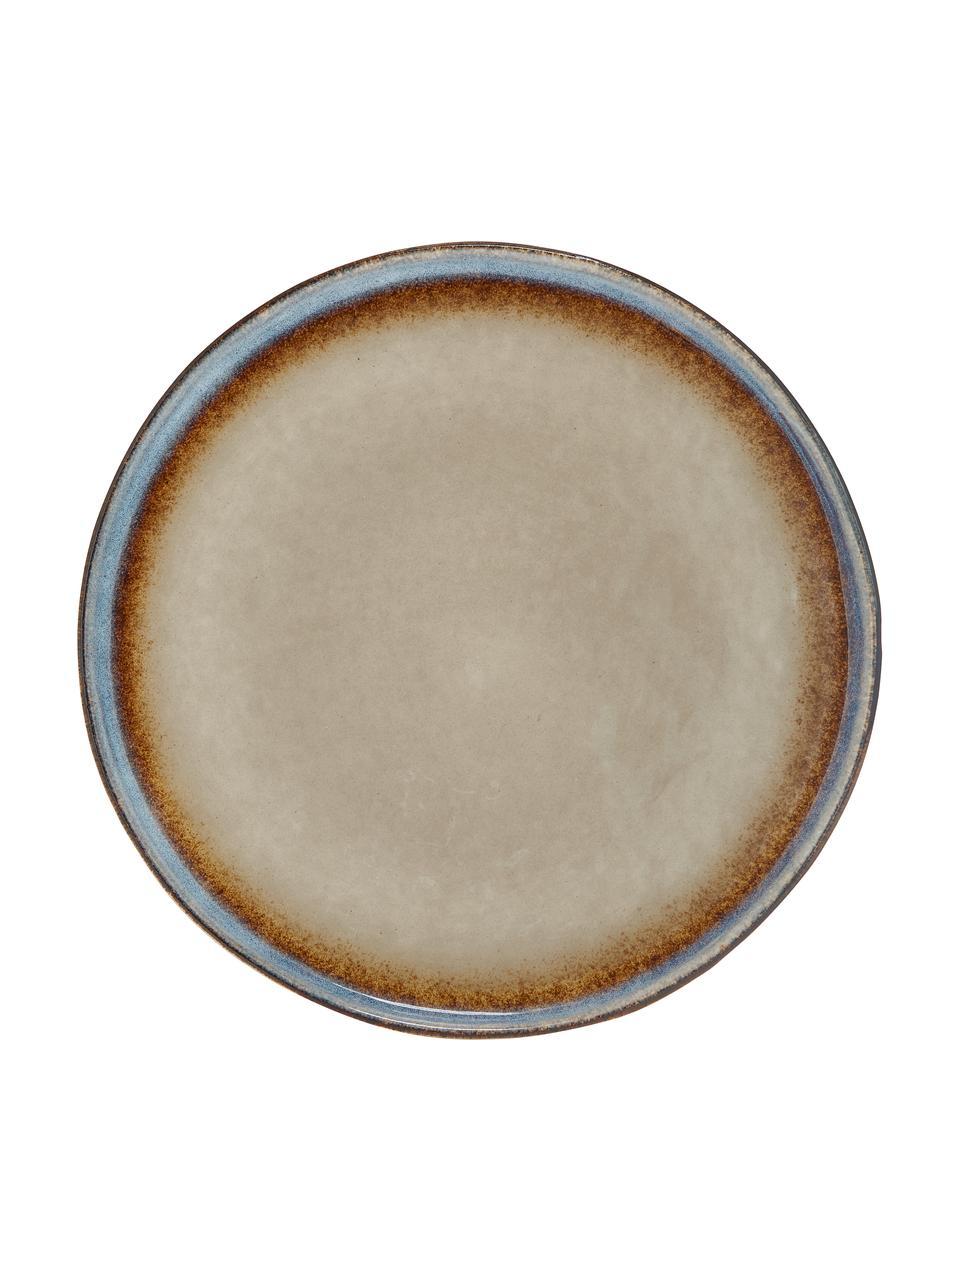 Ręcznie wykonany talerz duży Nomimono, 2 szt., Kamionka, Szary, greige, Ø 27 cm